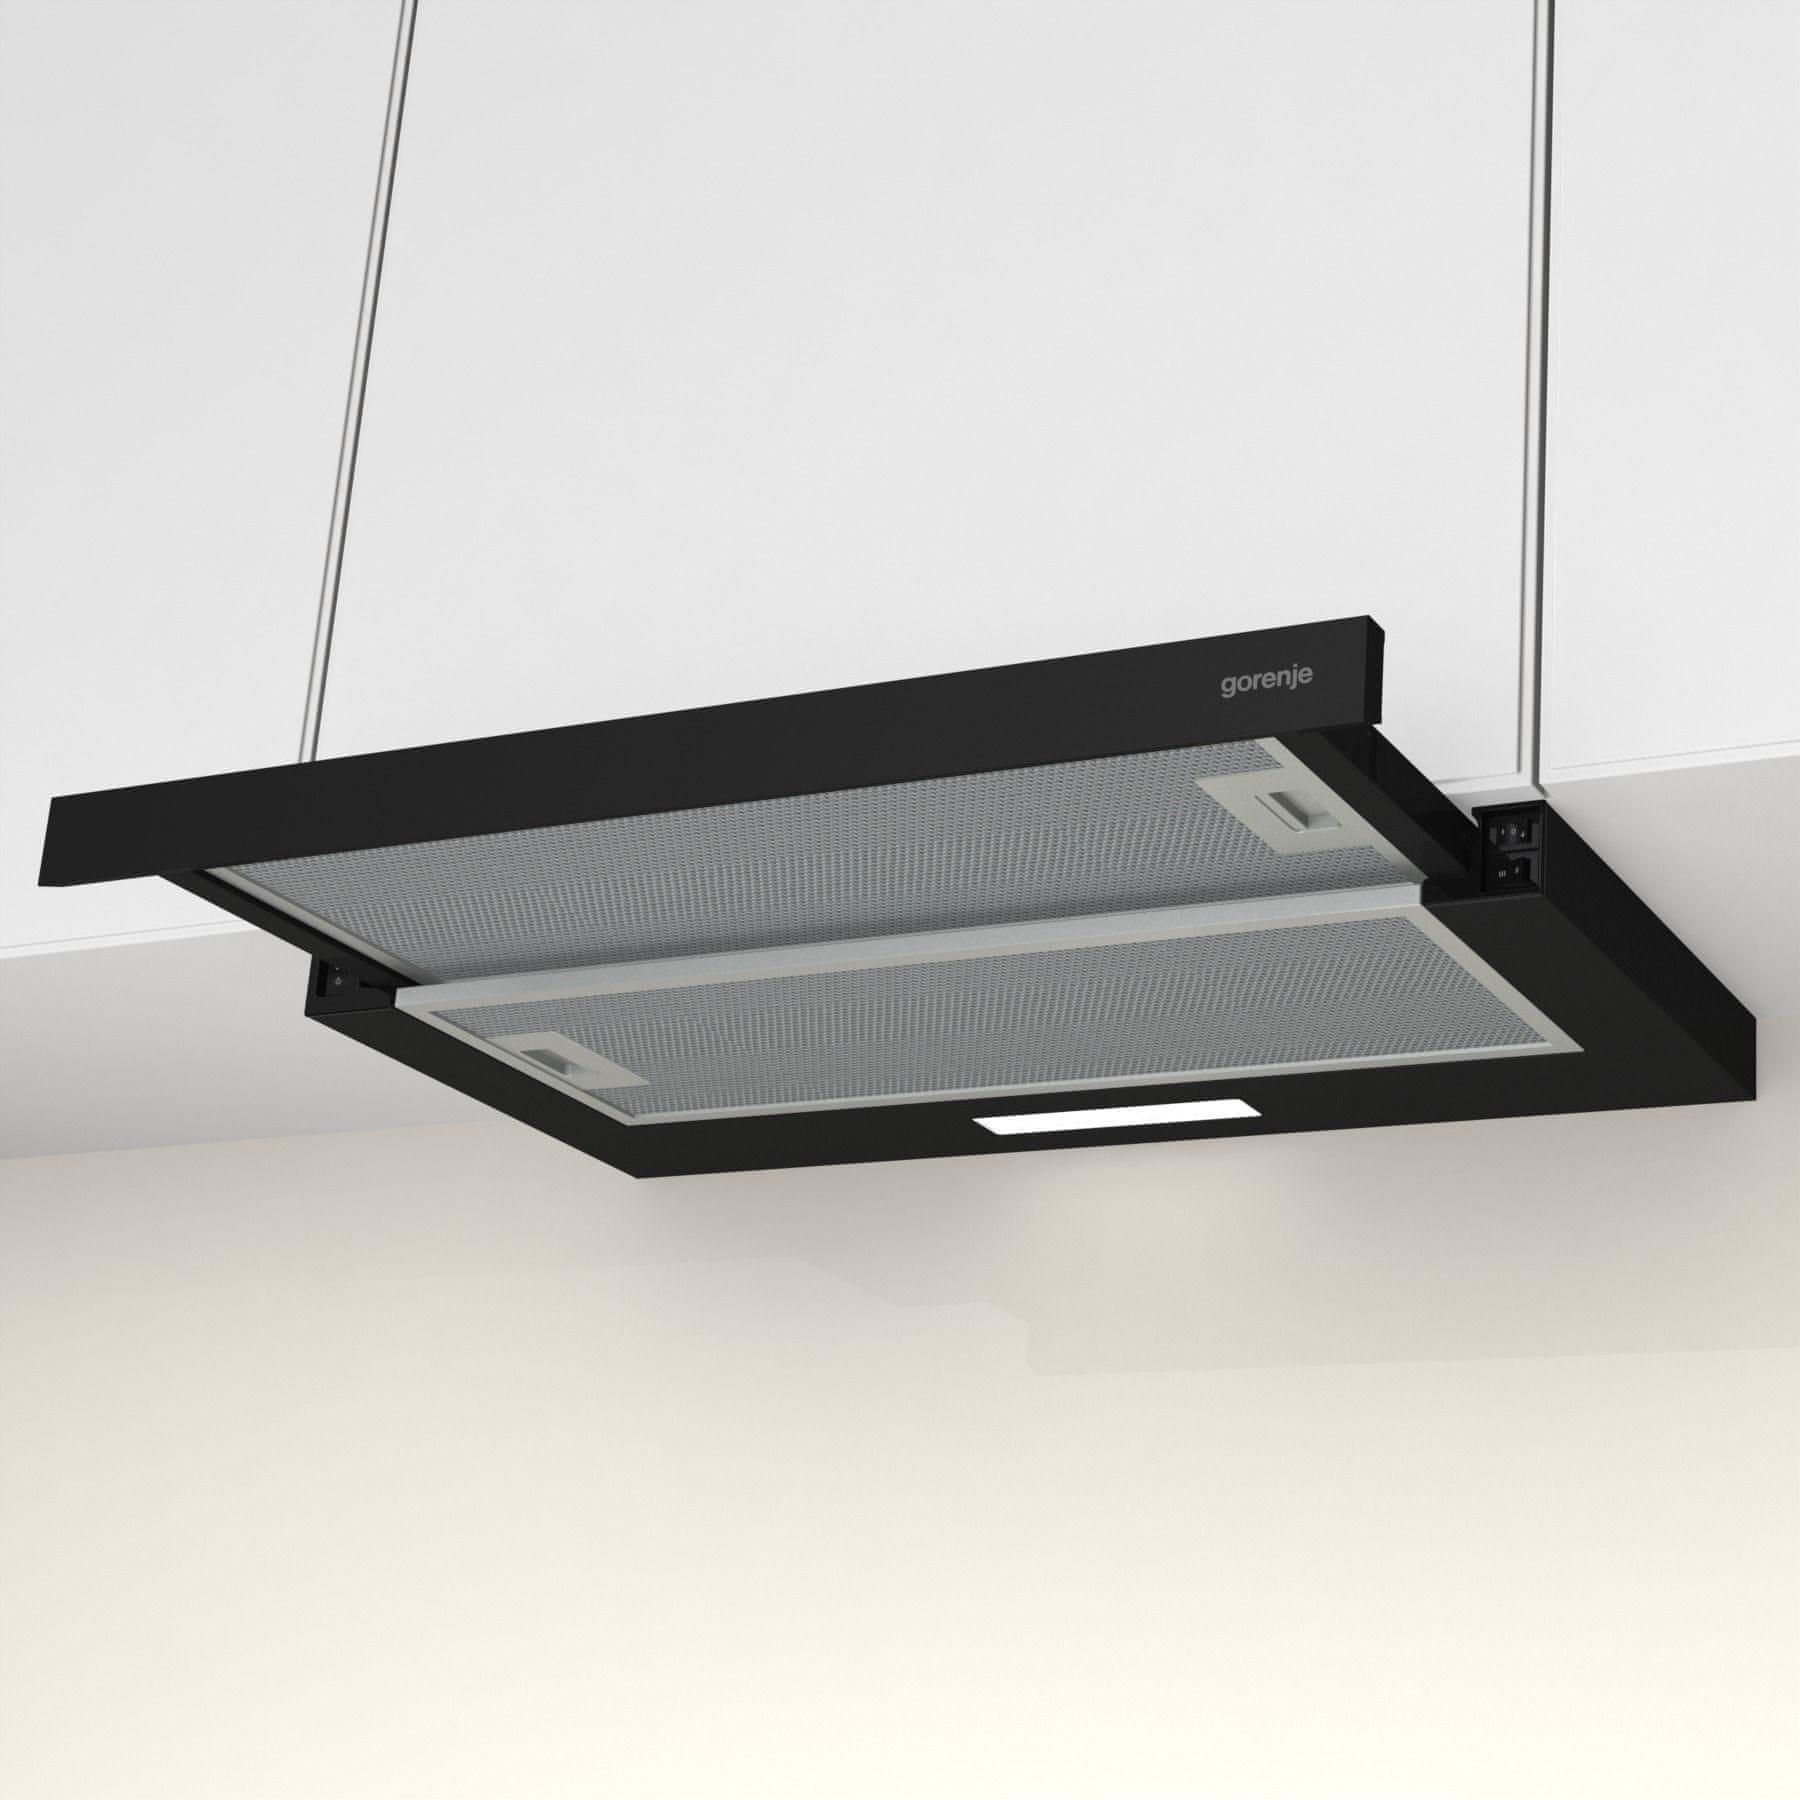 Gorenje TH60E3B LED osvětlení